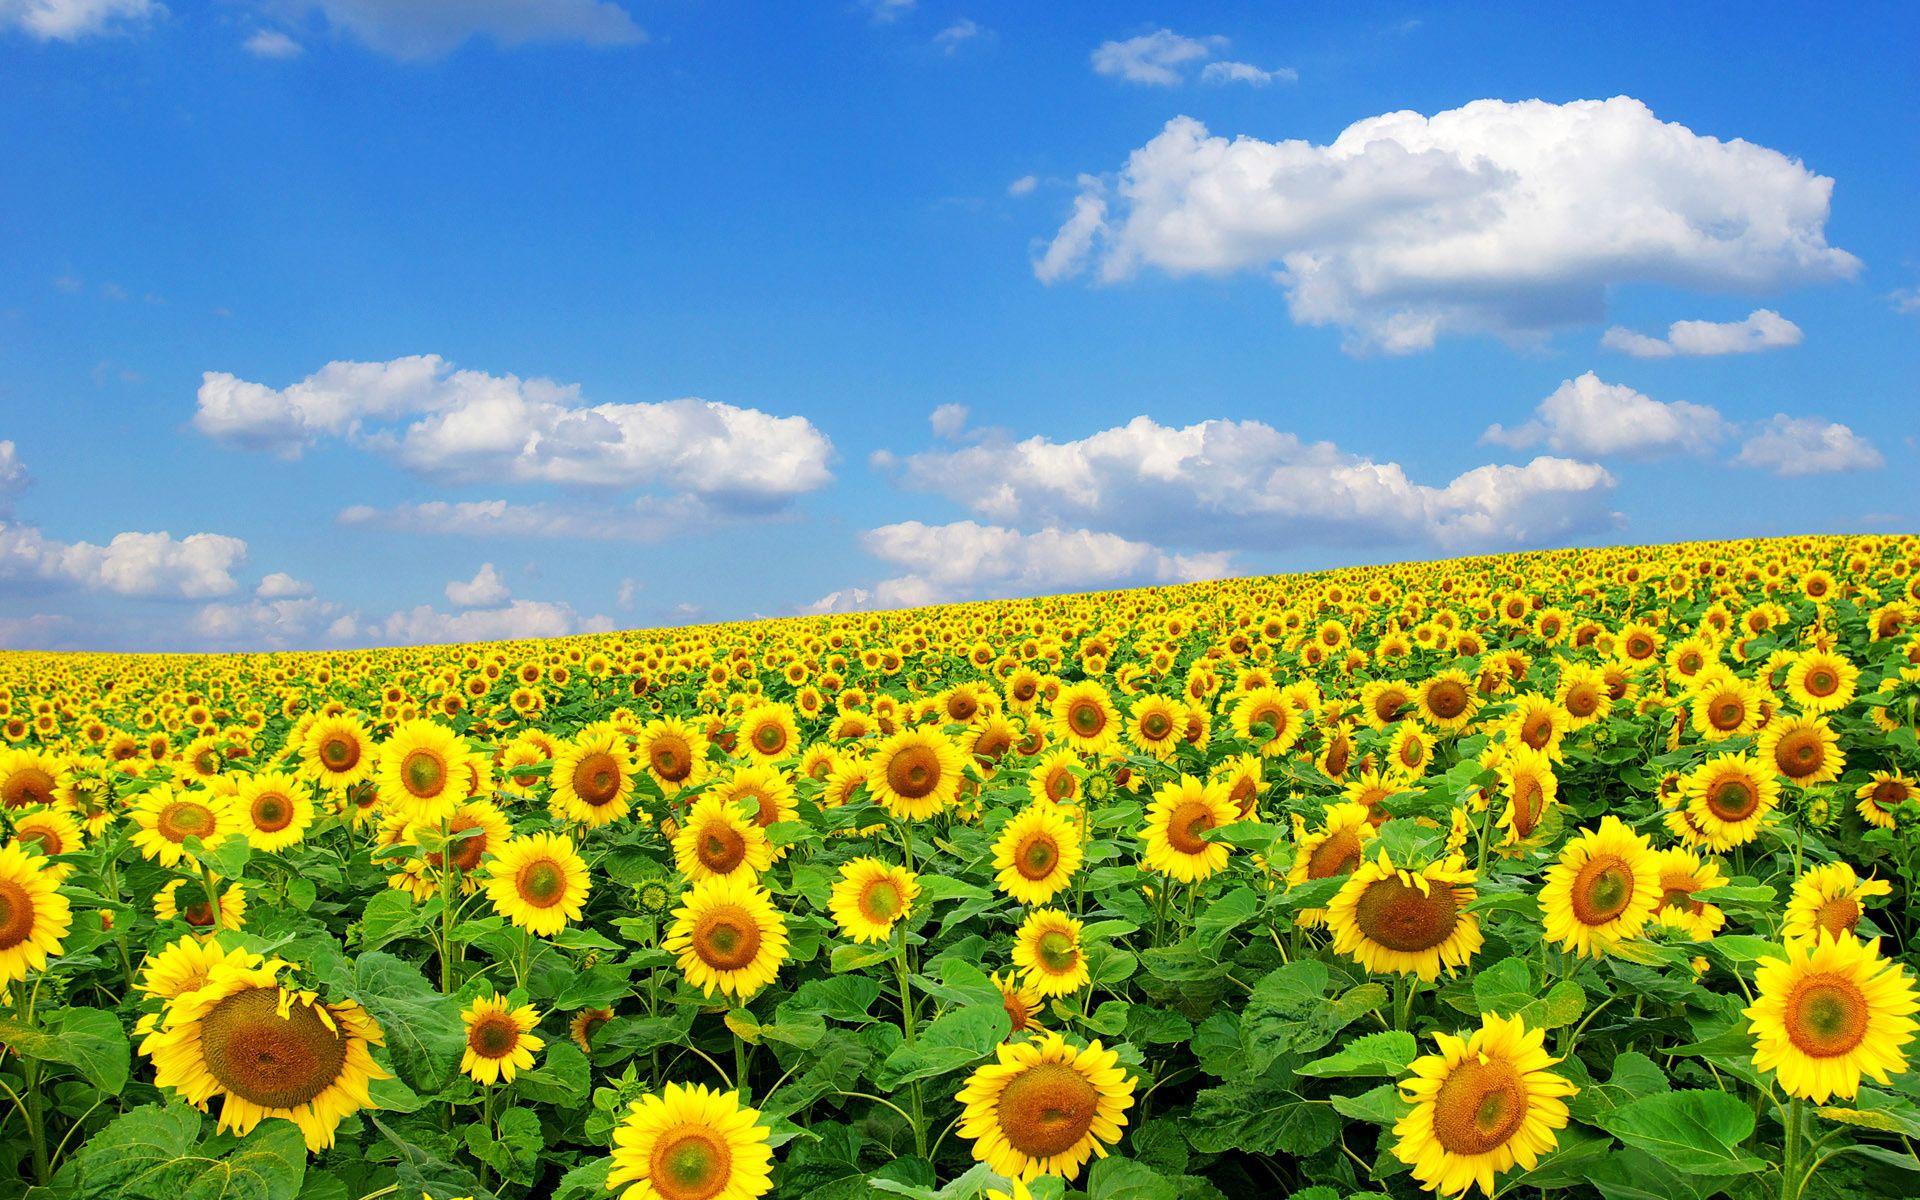 Campo Di Girasoli Flowersflowers Path And Garden Ideas Campi Di